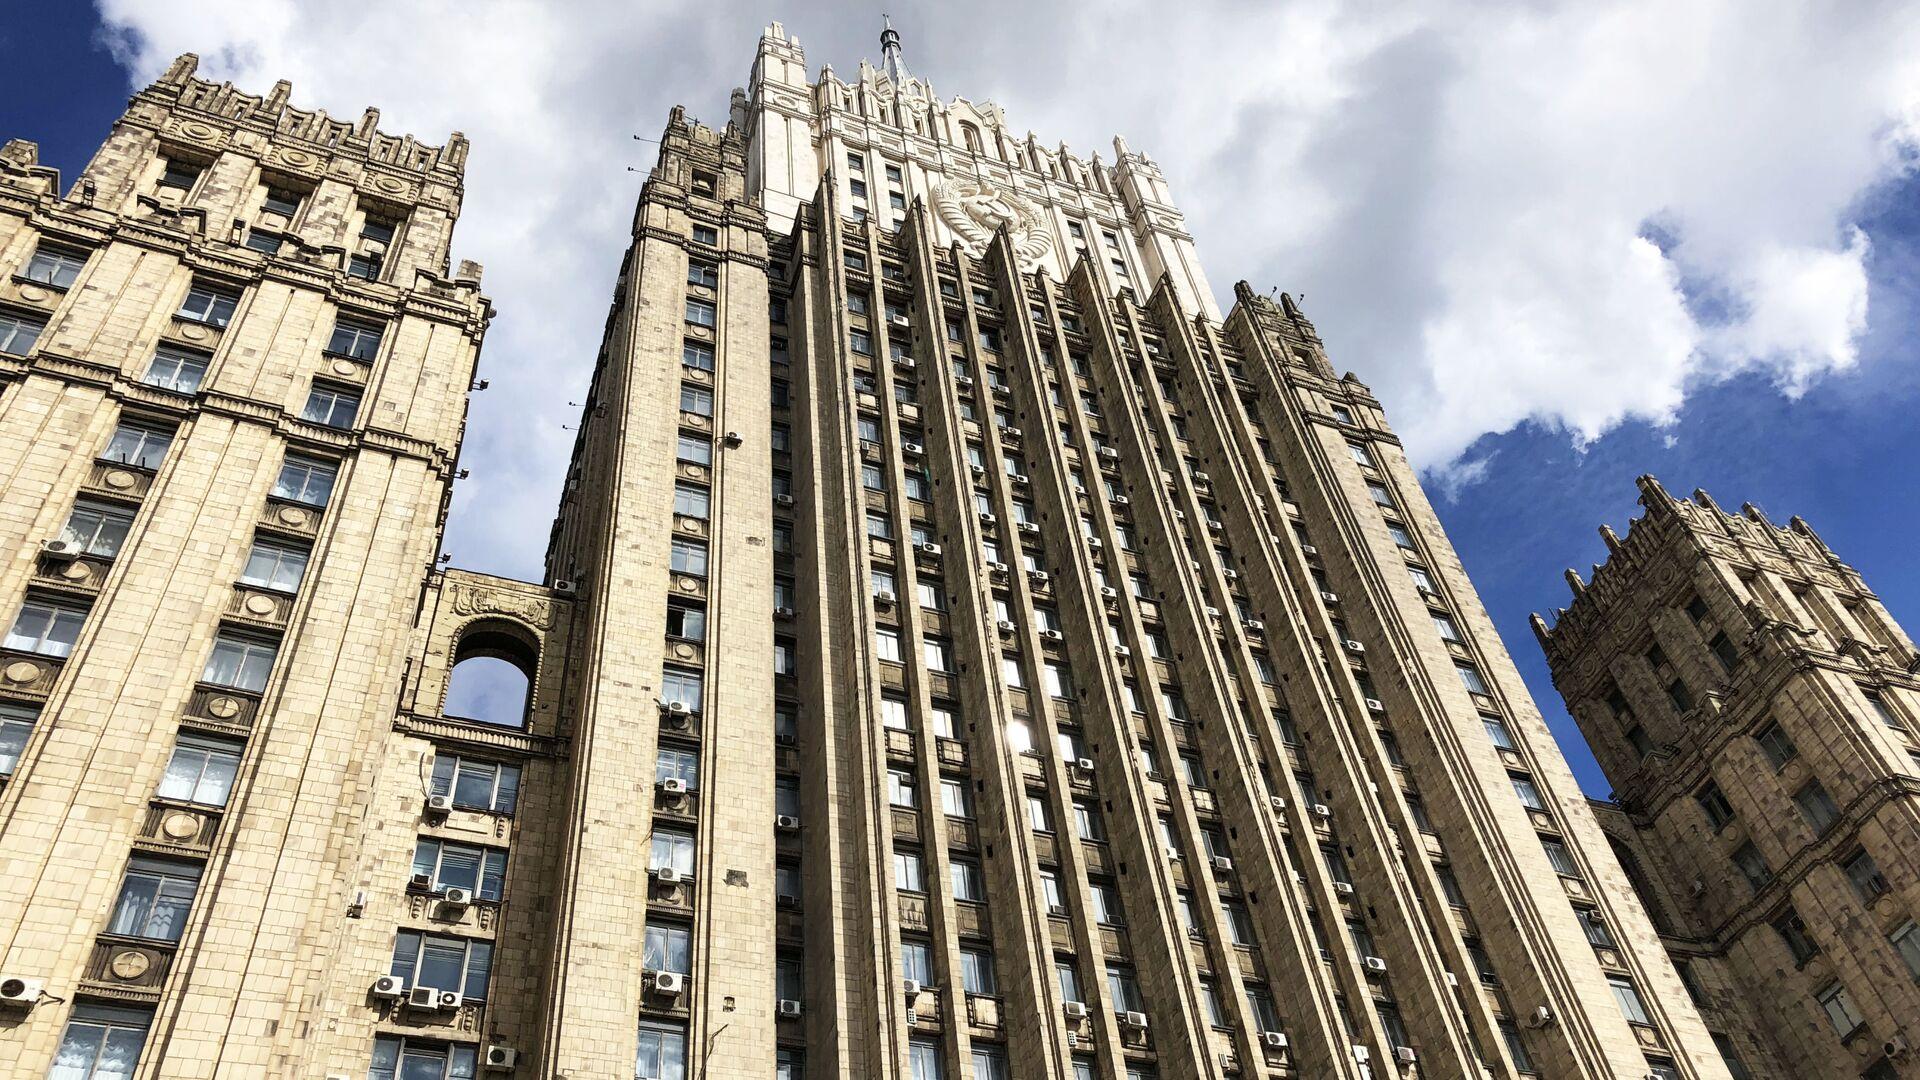 Здание министерства иностранных дел РФ на Смоленской-Сенной площади в Москве - Sputnik Латвия, 1920, 07.07.2021